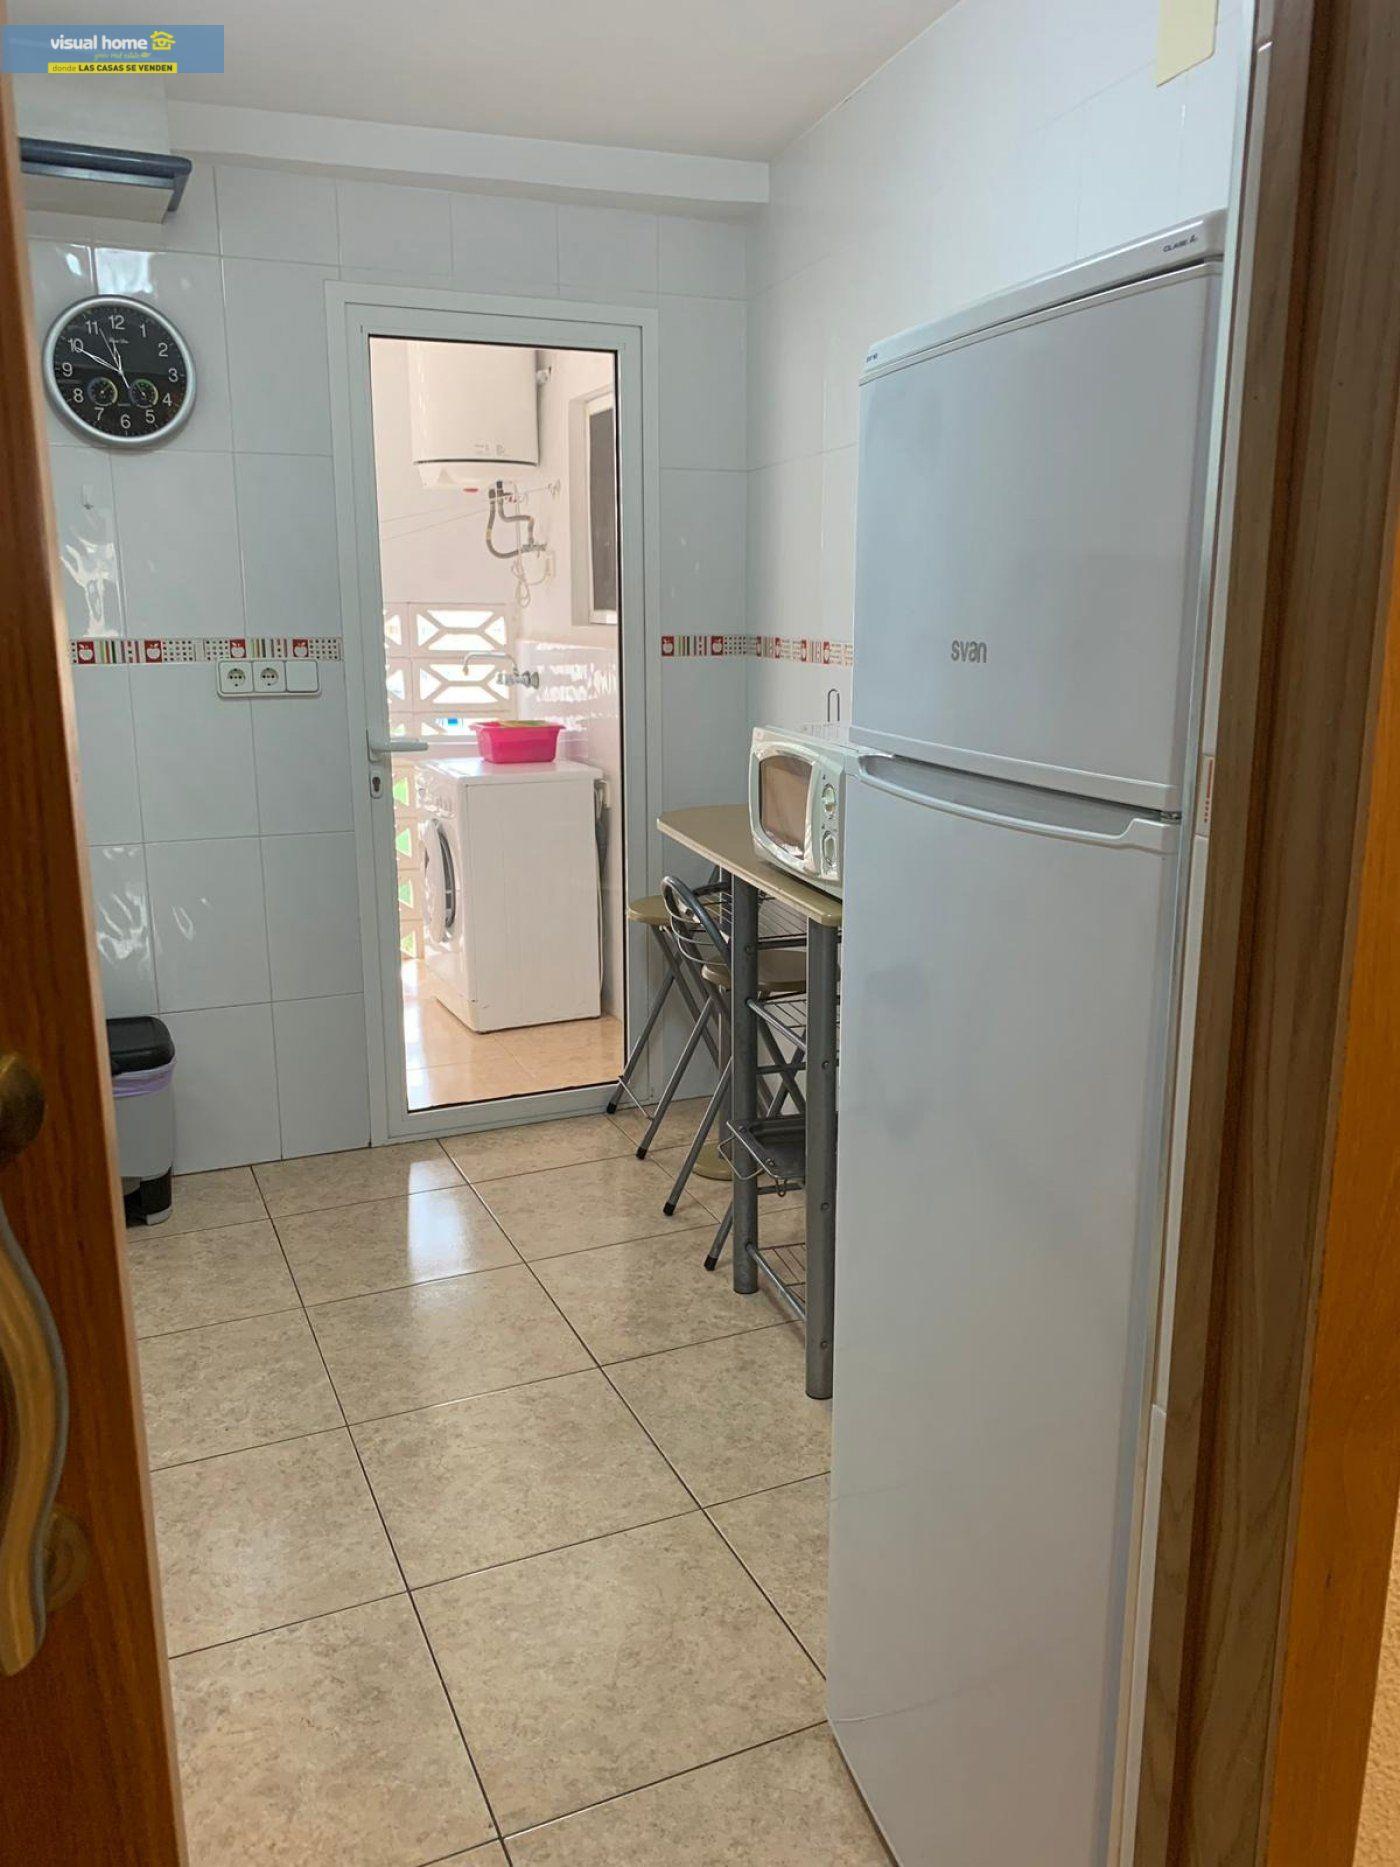 Espectacular apartamento de 2 dormitorios, 2 baños con parking en 1ª línea playa de Levante 27